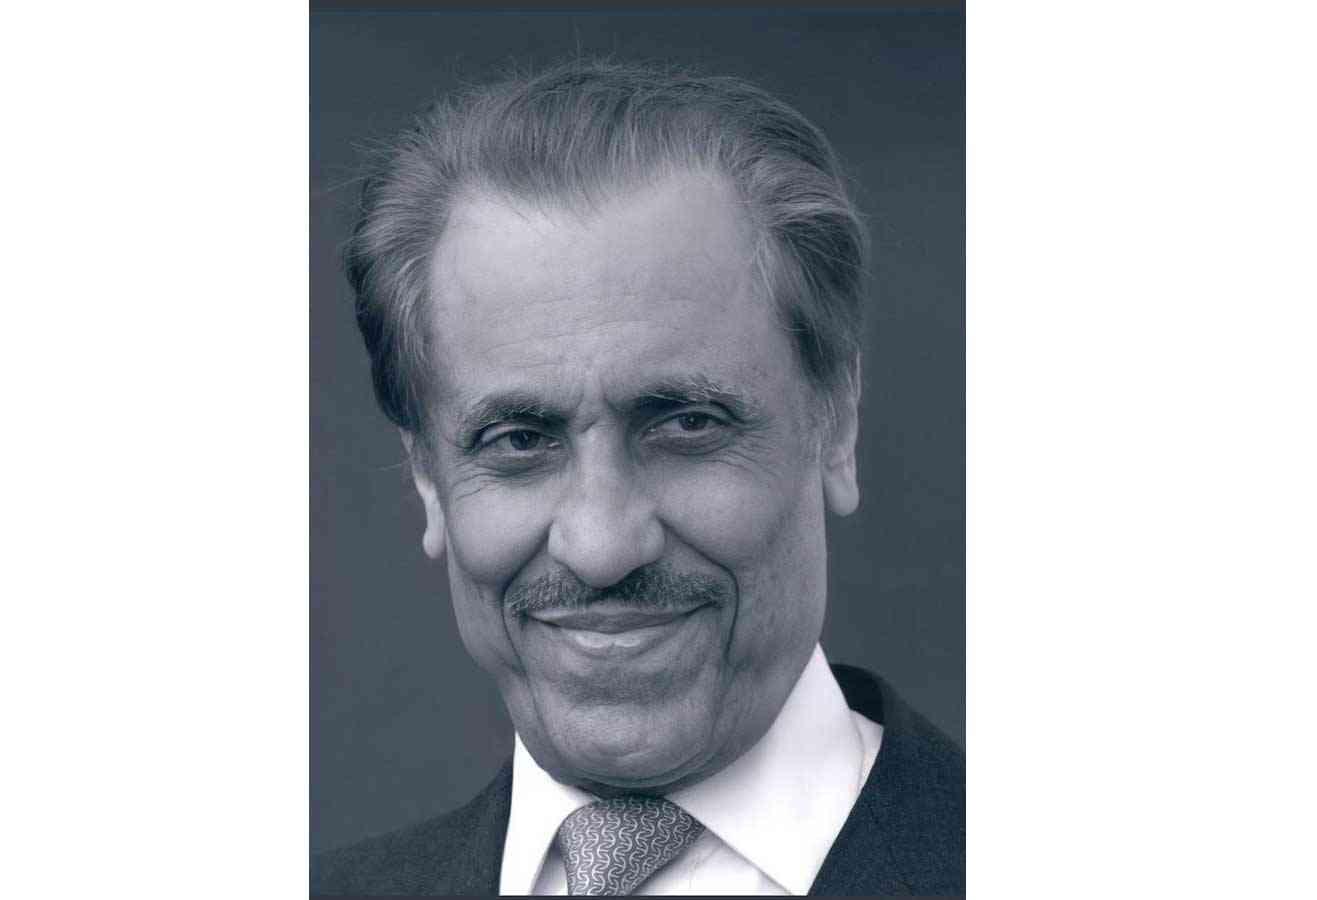 محمد بن راشد يعزي في وفاة الأمير خالد بن عبدالله بن عبدالرحمن